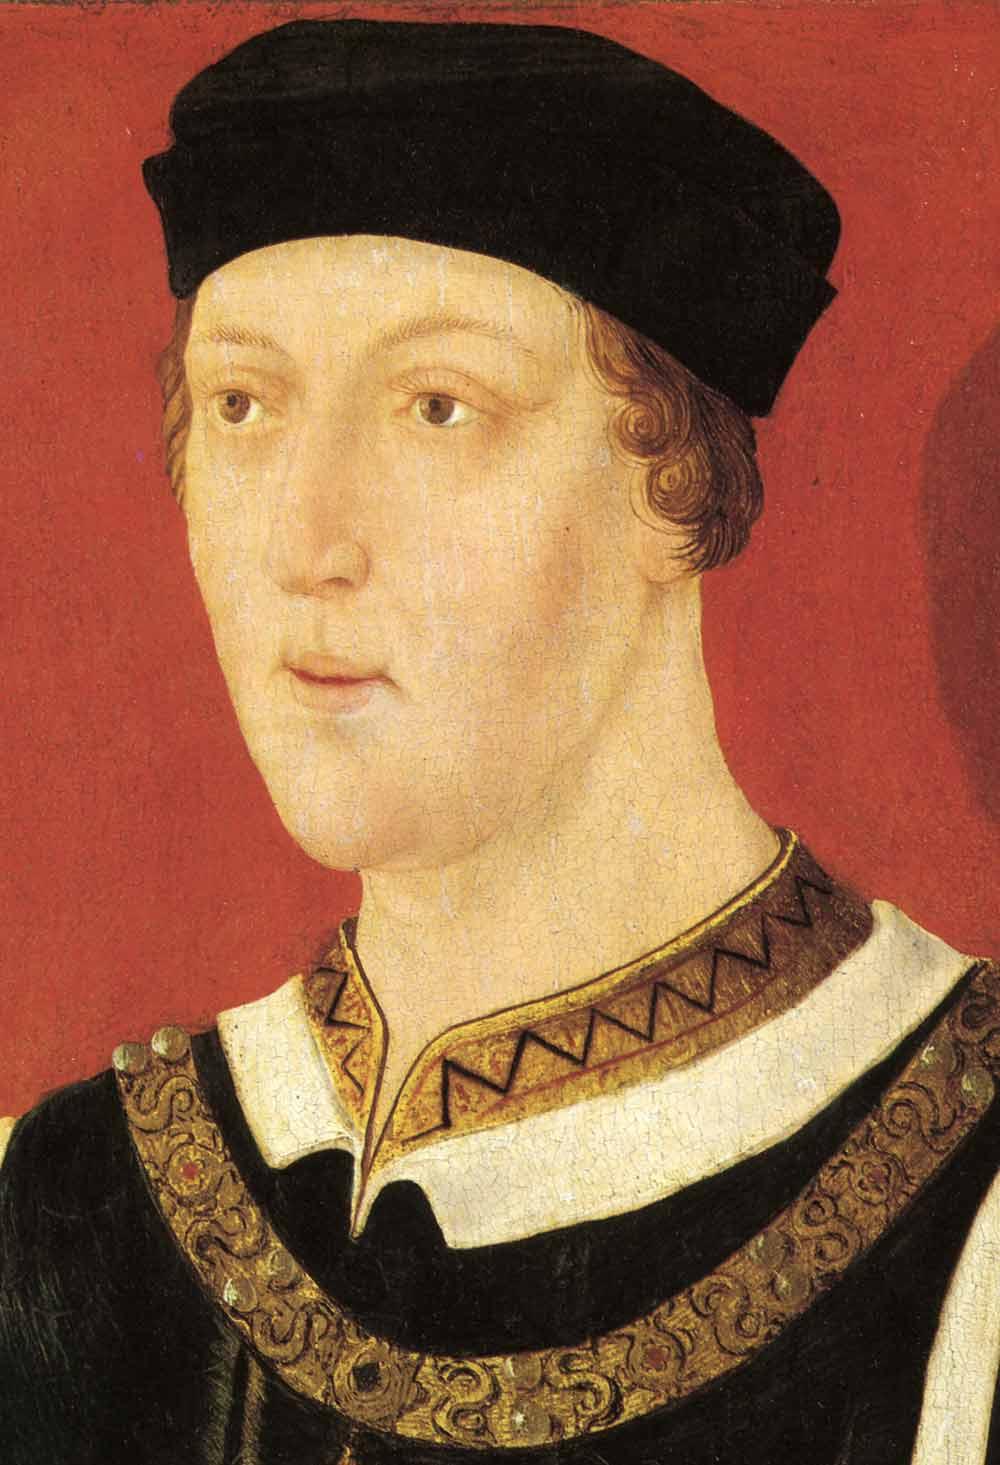 ヘンリー6世